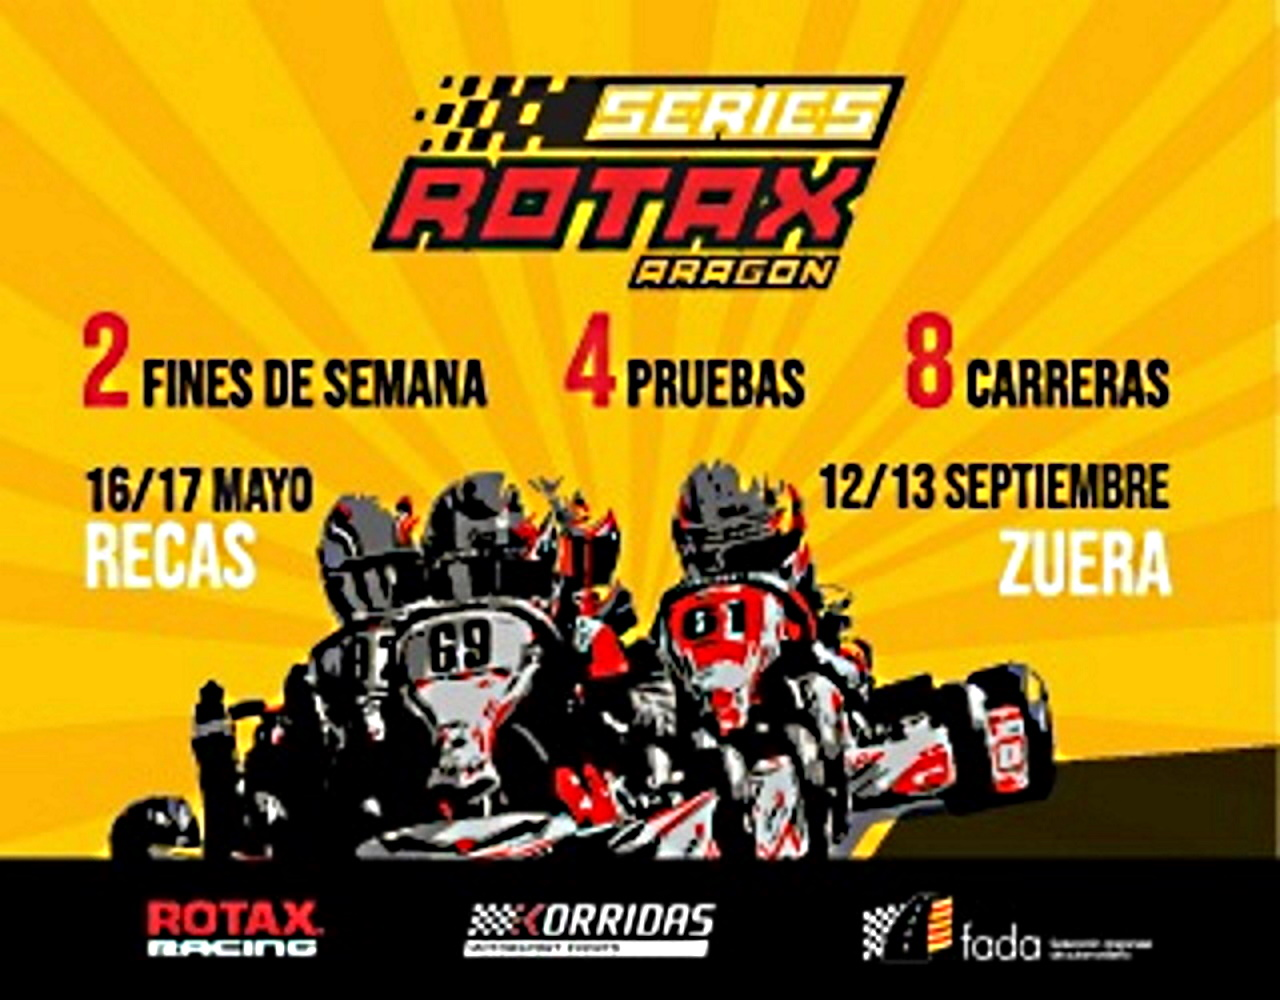 Series Rotax 2020: Arranque en Recas y final en Zuera